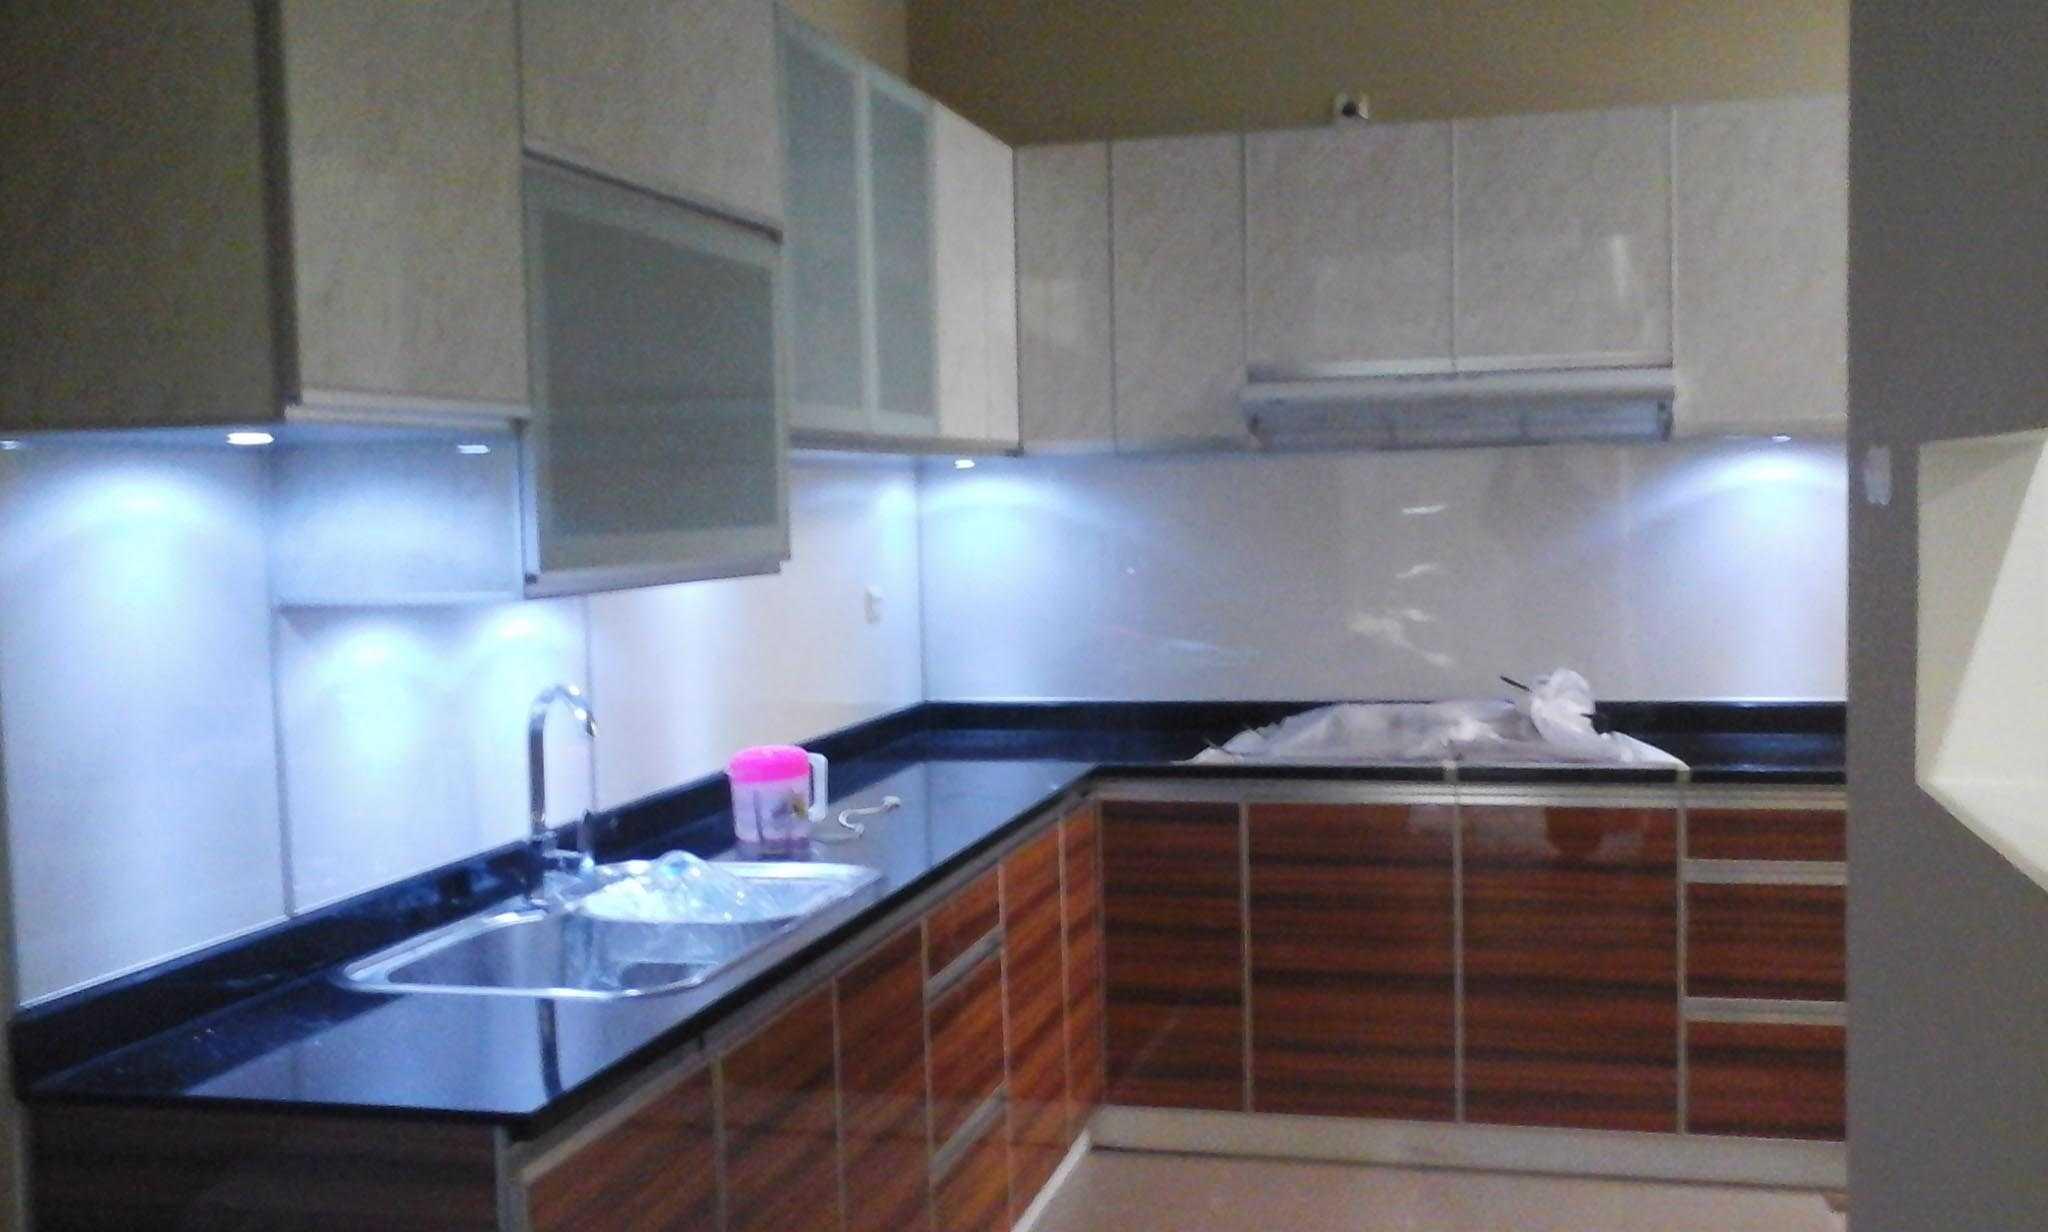 Faiz Rumah At Sakura Regency Bekasi Sakura Regency 1 Bumi Asih Indah Sakura Regency 1 Bumi Asih Indah Kitchen   12117